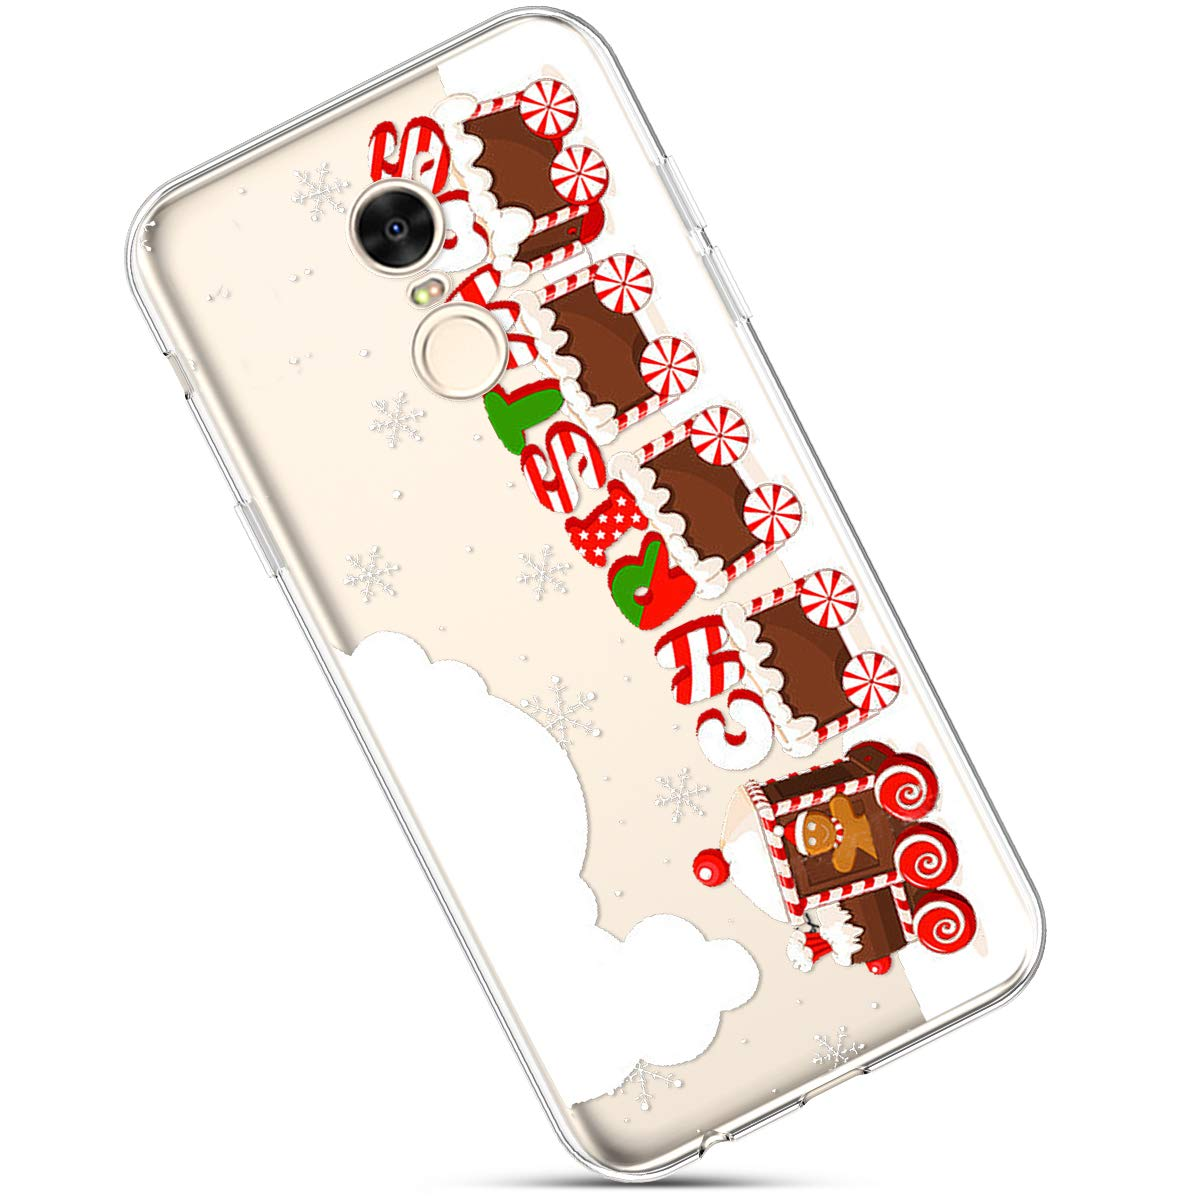 Clair Coque pour Xiaomi Redmi 5 Plus, É tui Housse Redmi 5 Plus, Redmi 5 Plus Case Transparente Crystal Souple Silicone Housse de Protection avec Motif Christmas De noë l Flocon de Neige Étui Housse Redmi 5 Plus Okssud DYY2018002469#19